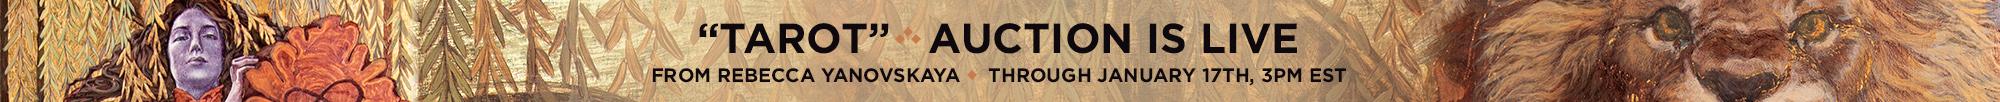 Rebecca Yanovskaya EDO Auction homepage banner